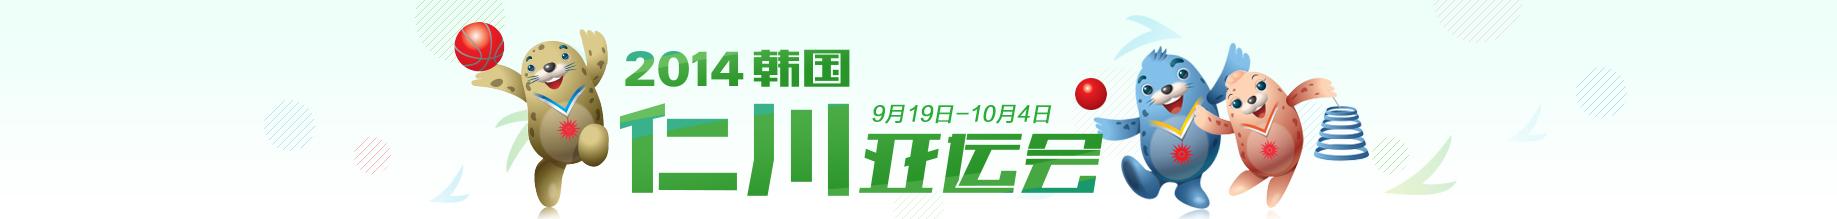 第17届韩国仁川亚洲运动会